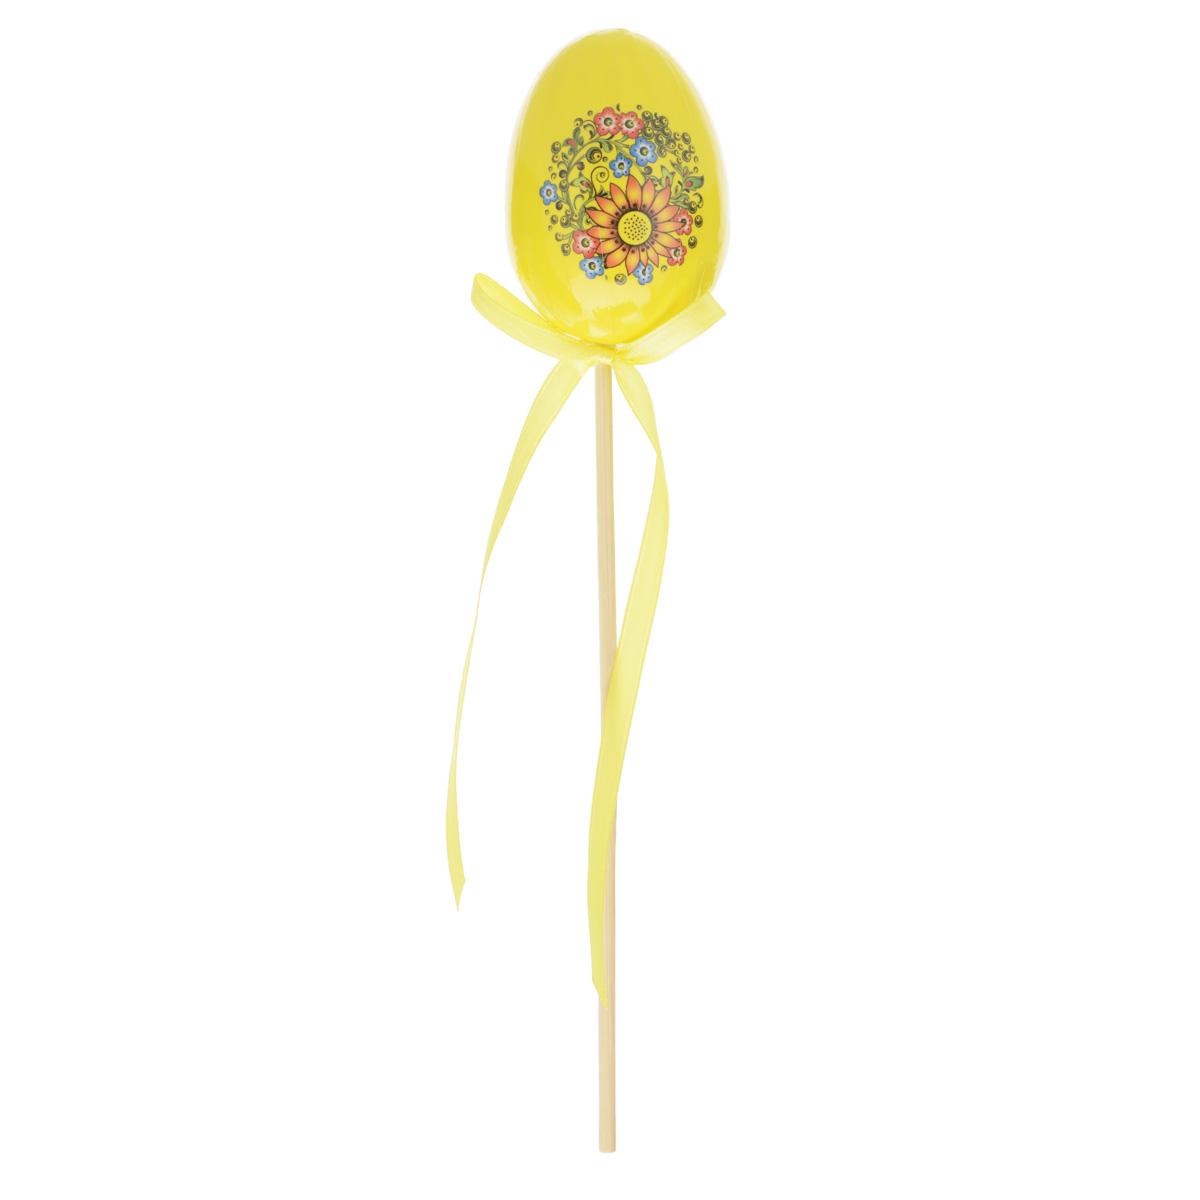 Декоративное украшение на ножке Home Queen Яйцо, цвет: желтый, высота 25 смC0042416Декоративное украшение Home Queen Яйцо выполнено из пенопласта, ламинированной бумаги в виде пасхального яйца на деревянной ножке, декорированного цветочным рисунком. Изделие украшено текстильной лентой. Такое украшение прекрасно дополнит подарок для друзей или близких. Высота: 25 см. Размер яйца: 7 см х 5 см.Материал: пенопласт, ламинированная бумага.